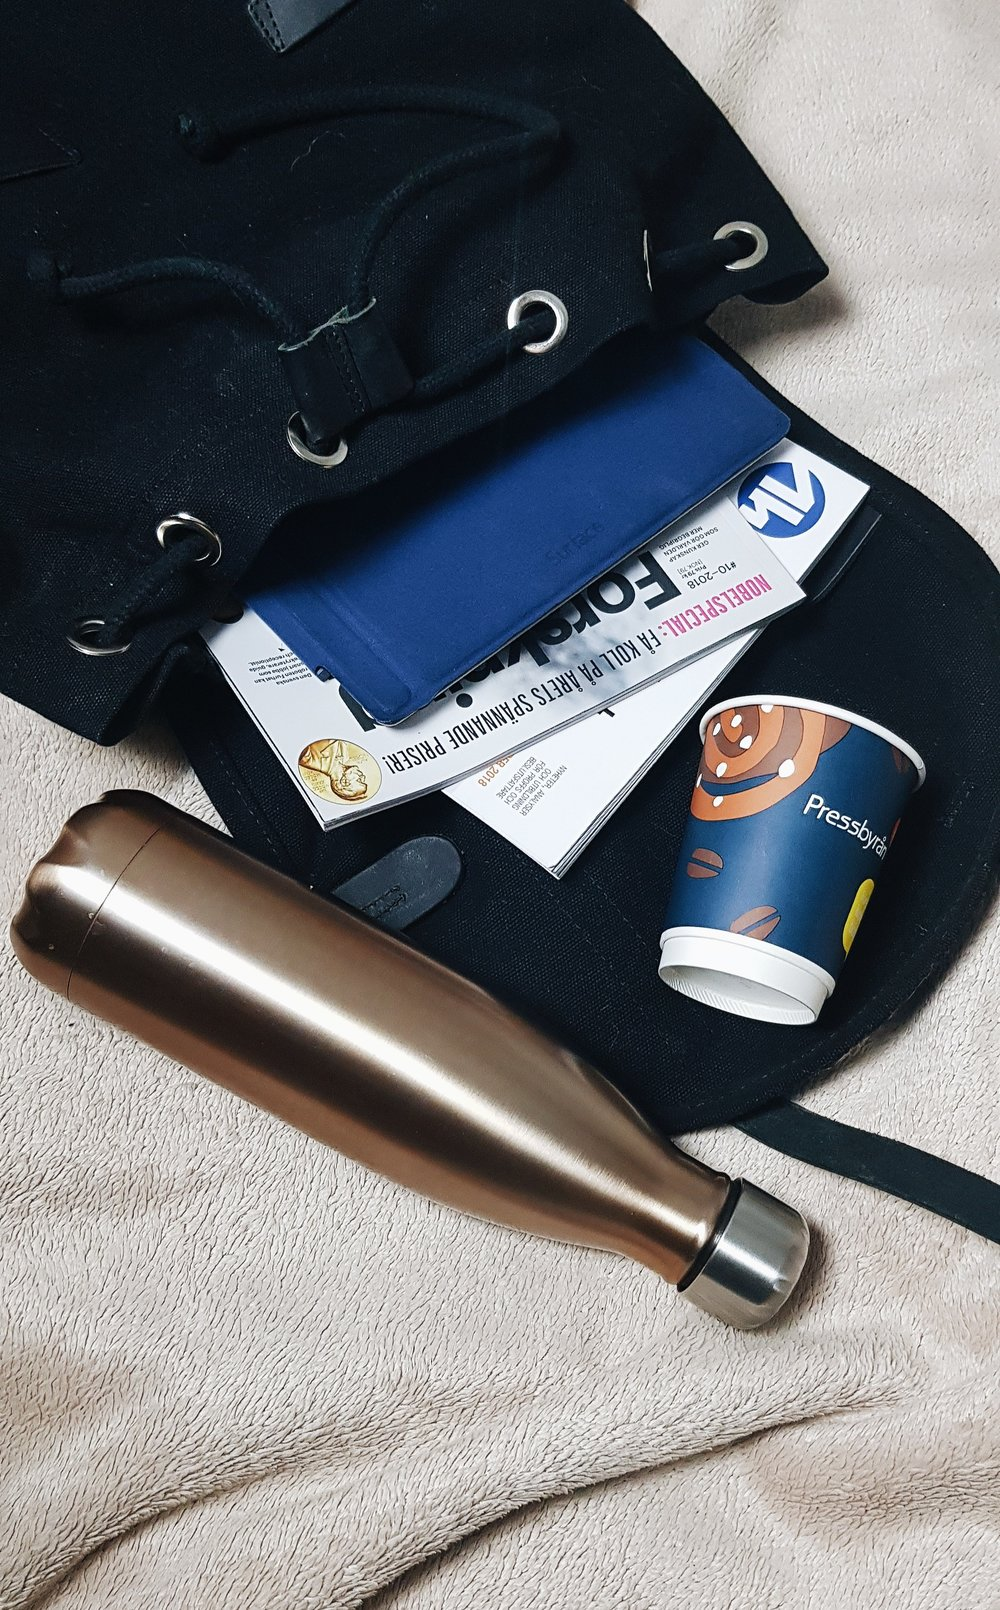 Färre engångmuggar  - Köpkaffe eller ej- tar du med egen termos slipper du förbruka engångsmuggar!